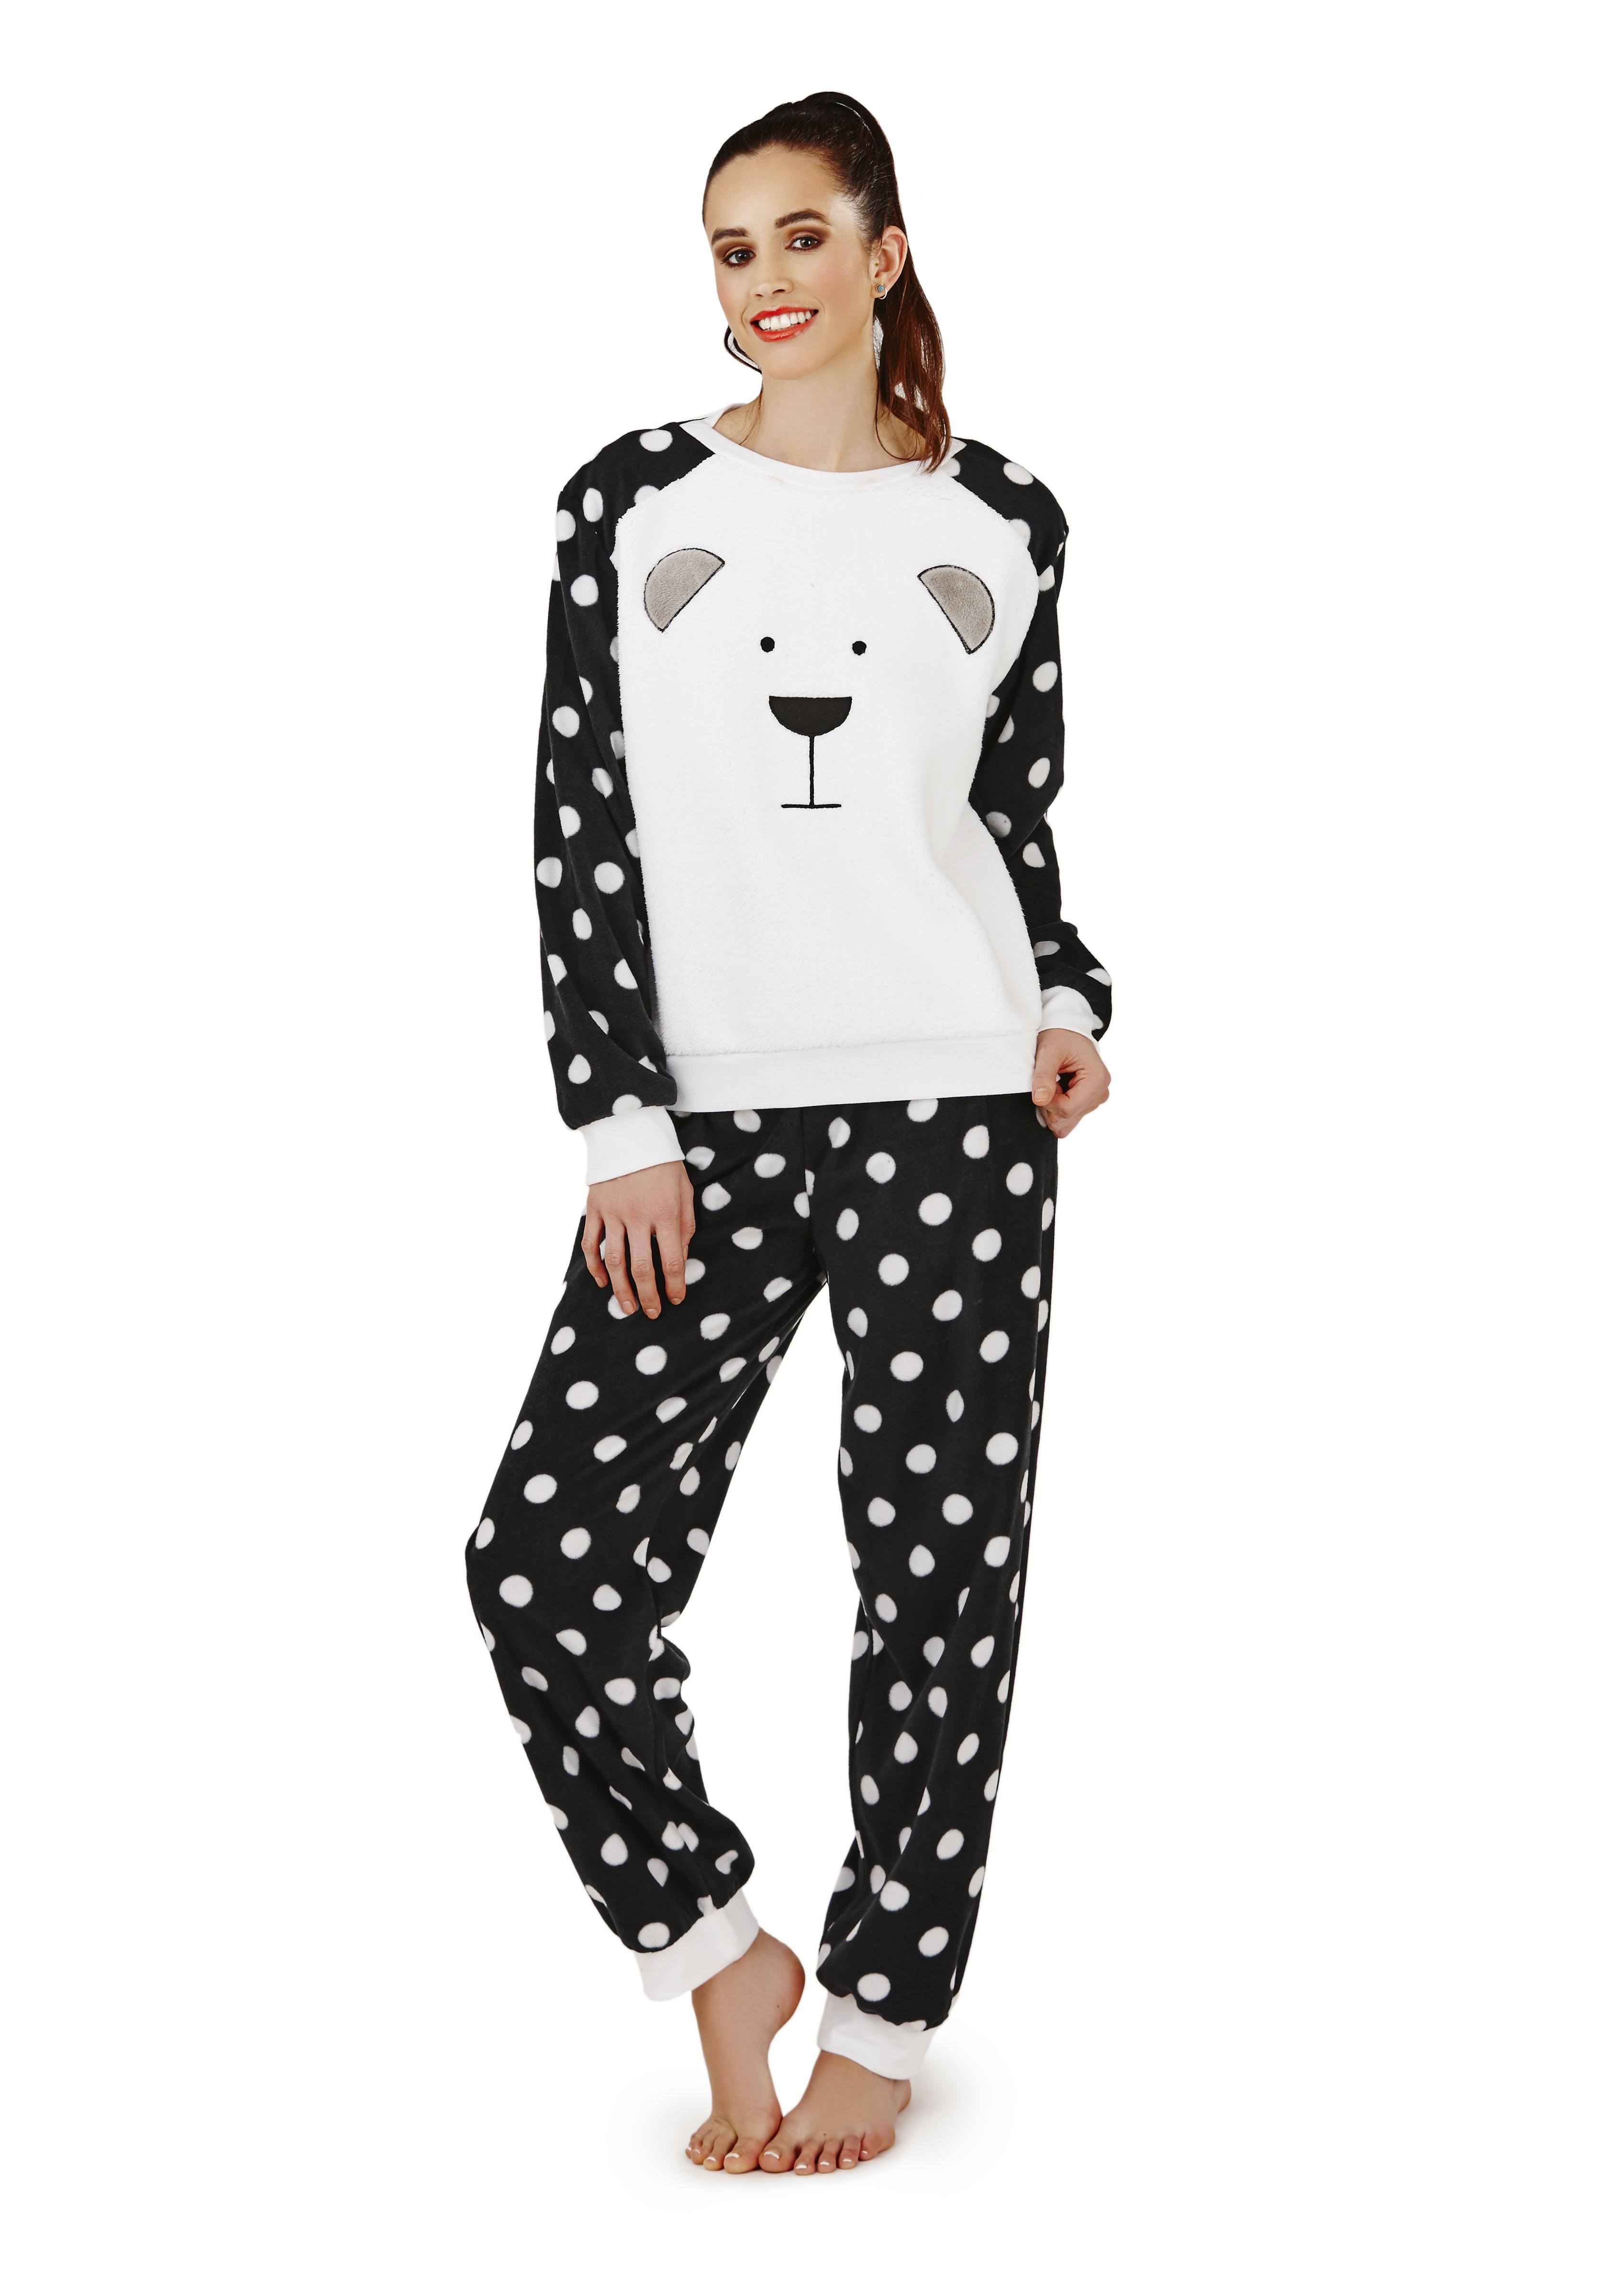 womens twosie nightwear fleece lounge pants jumper lounge set pjs pyjamas ladies ebay. Black Bedroom Furniture Sets. Home Design Ideas